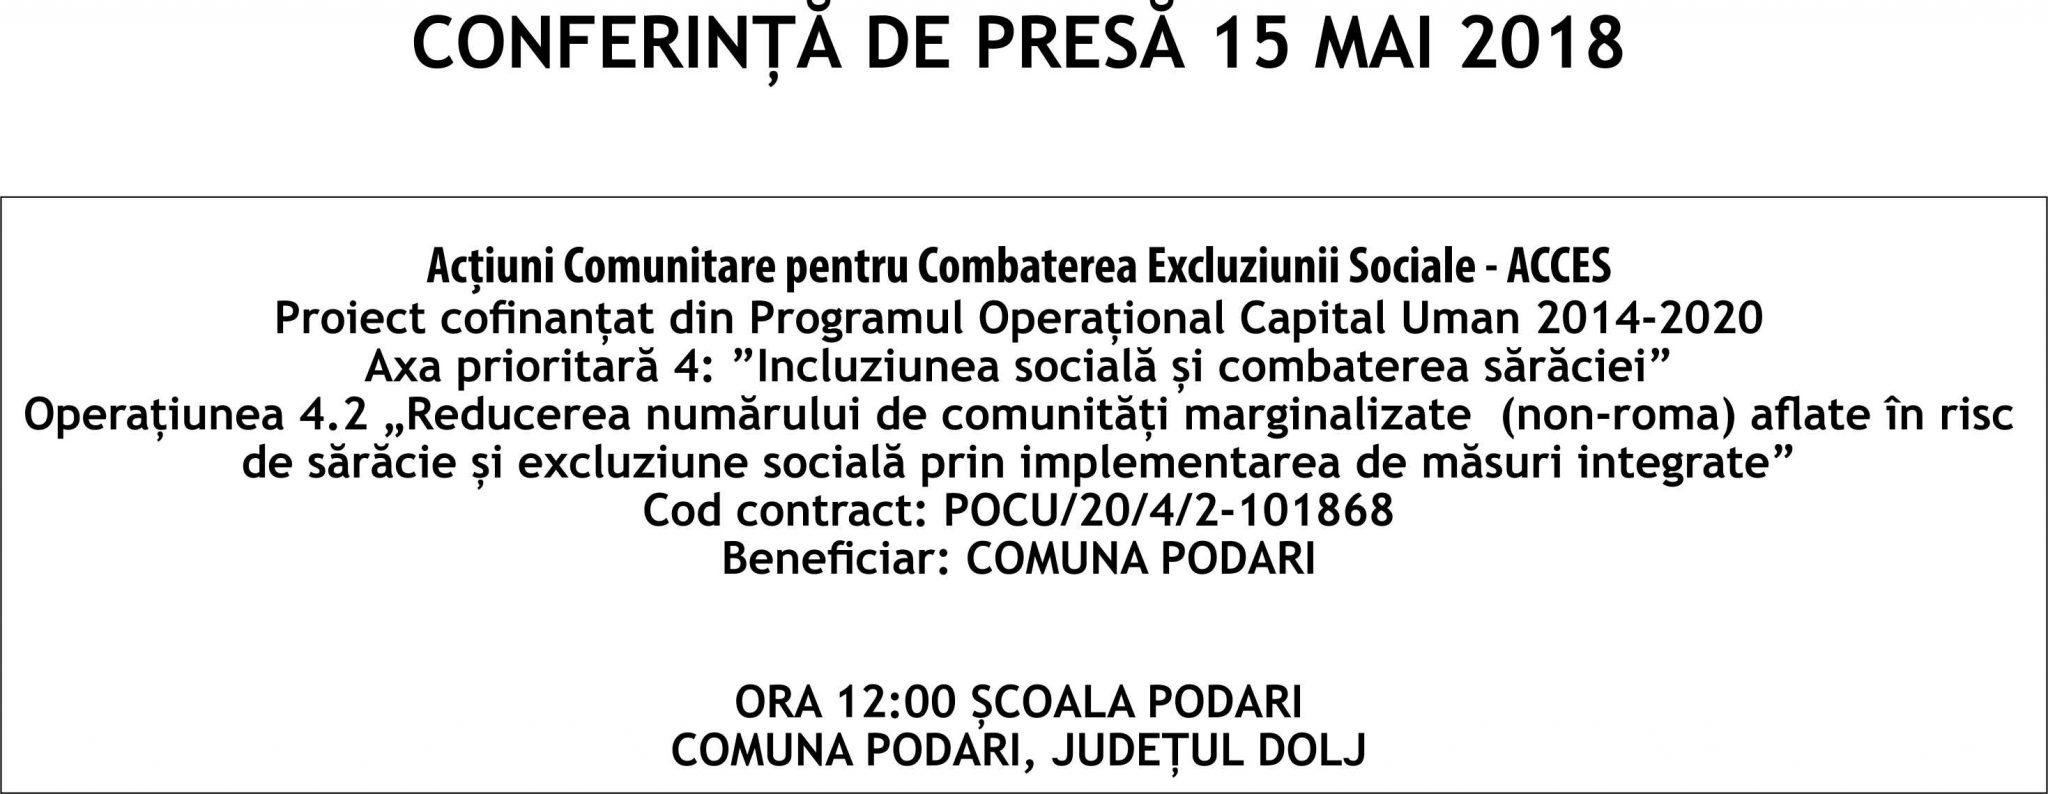 Conferinta ACCES